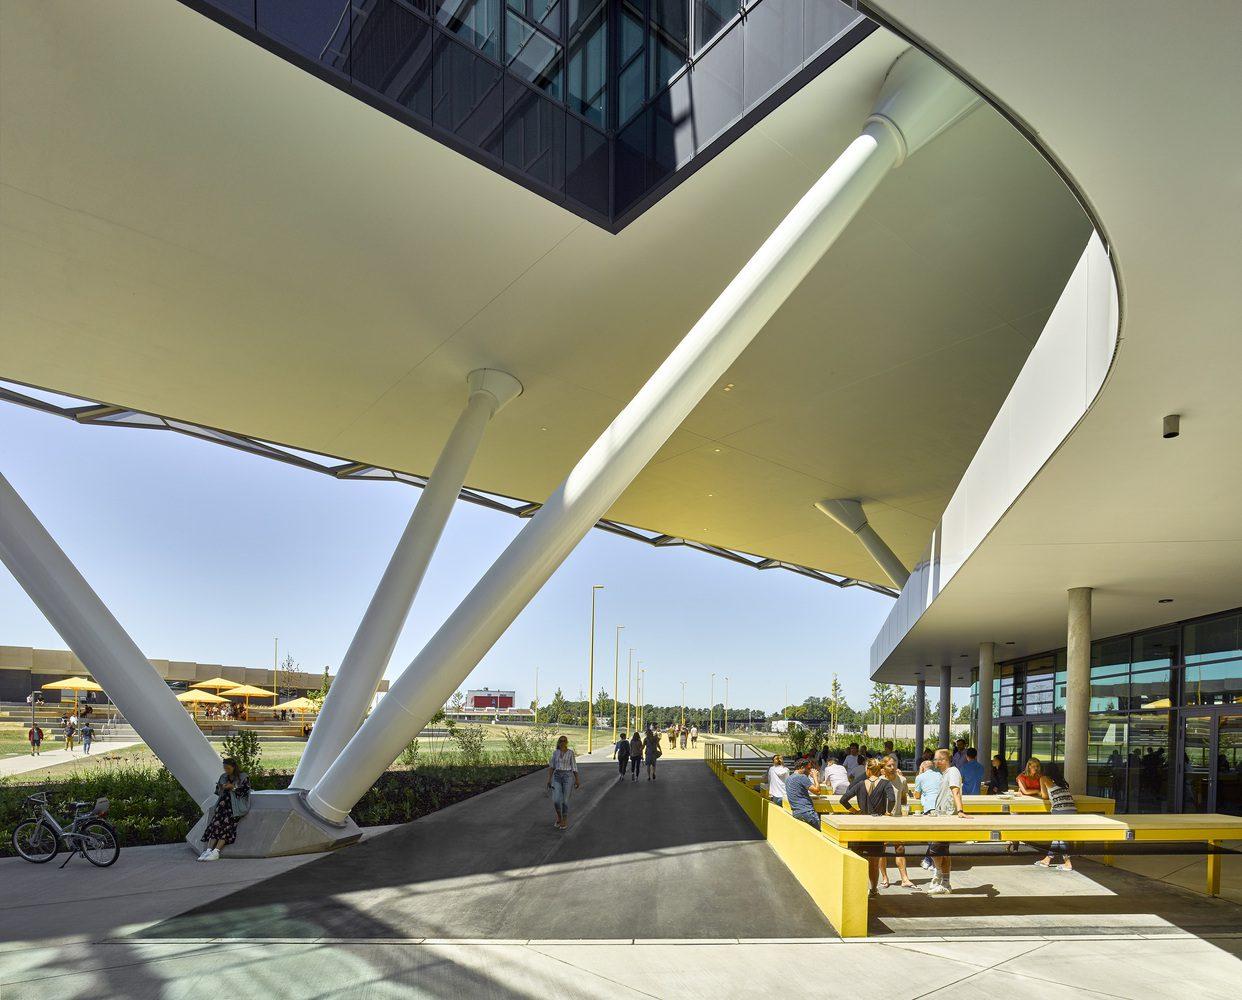 Adidas World of Sports Arena_Behnisch Architekten_15